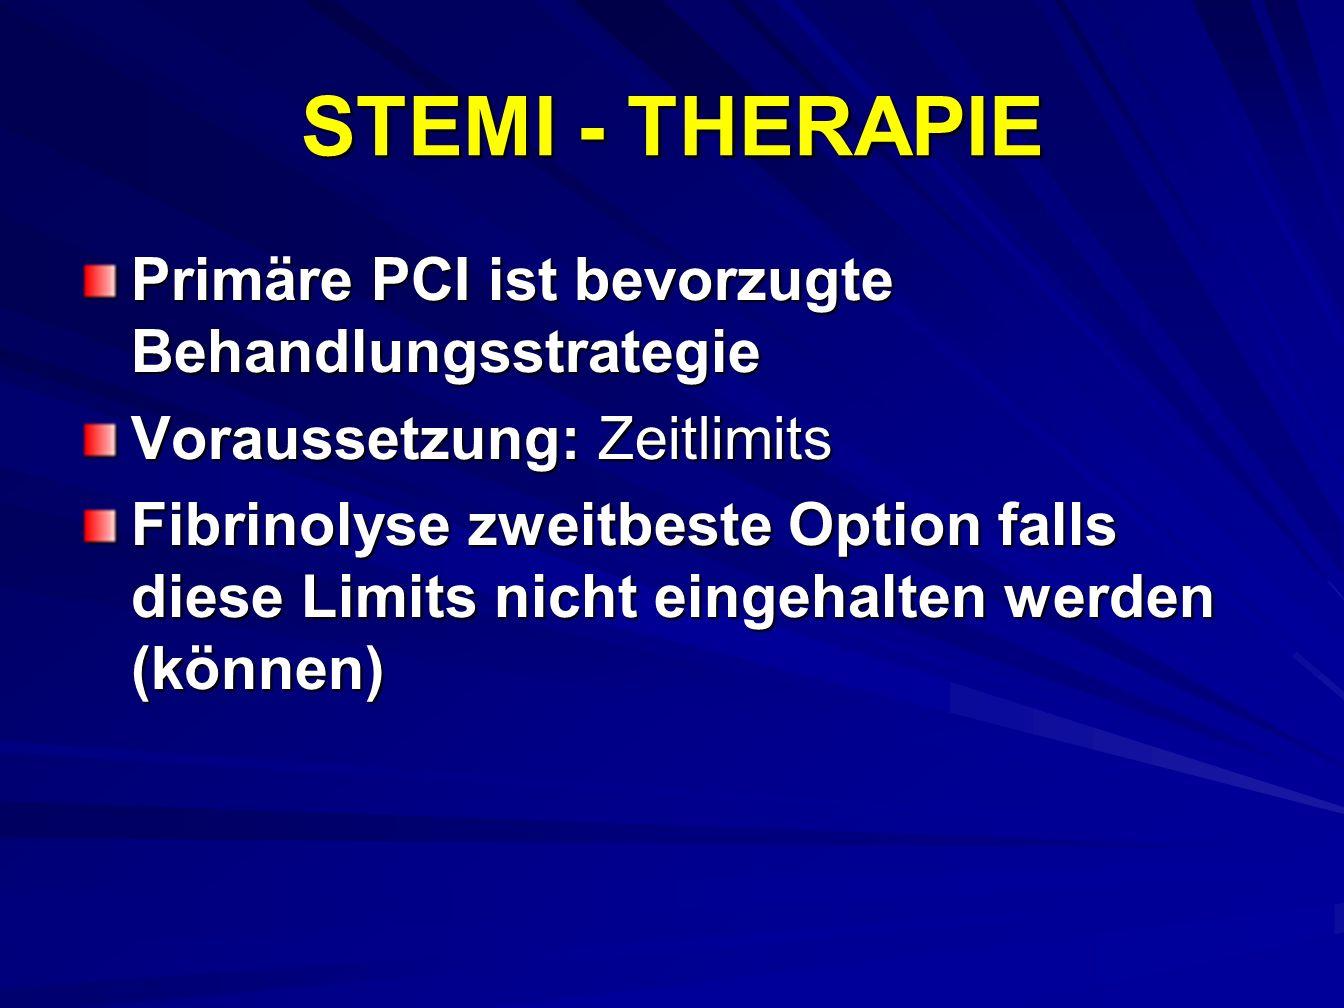 STEMI - THERAPIE Primäre PCI ist bevorzugte Behandlungsstrategie Voraussetzung: Zeitlimits Fibrinolyse zweitbeste Option falls diese Limits nicht eingehalten werden (können)